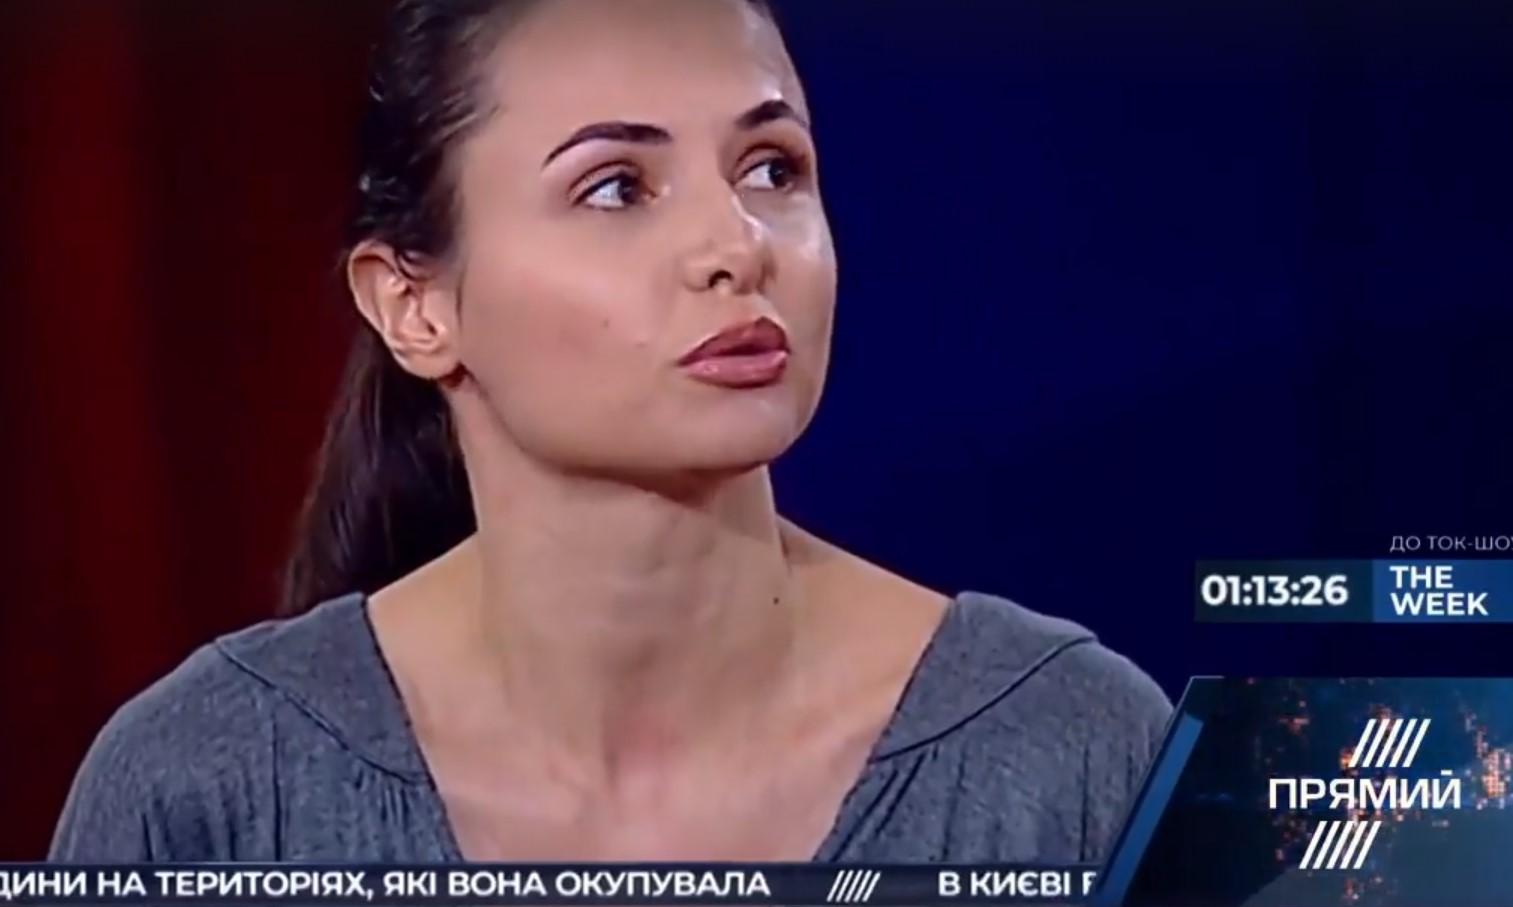 Анна Носач тв